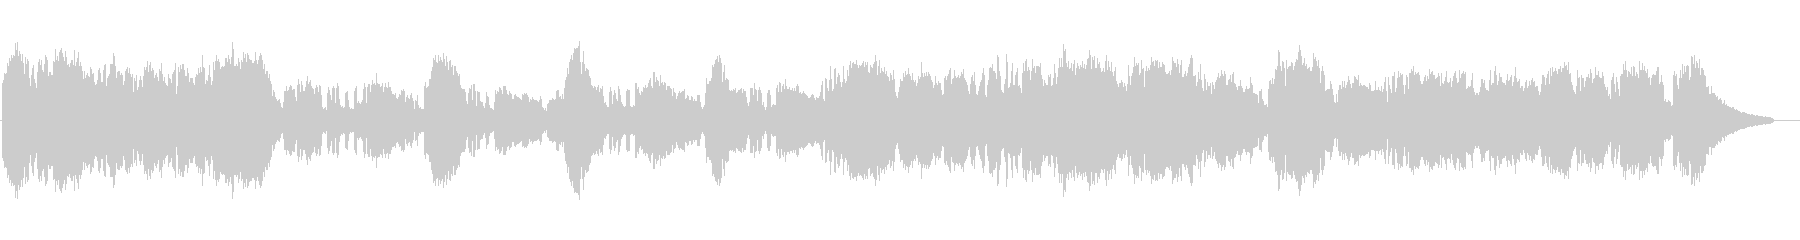 ファンタジーRPGのテーマソング・オー…の未再生の波形